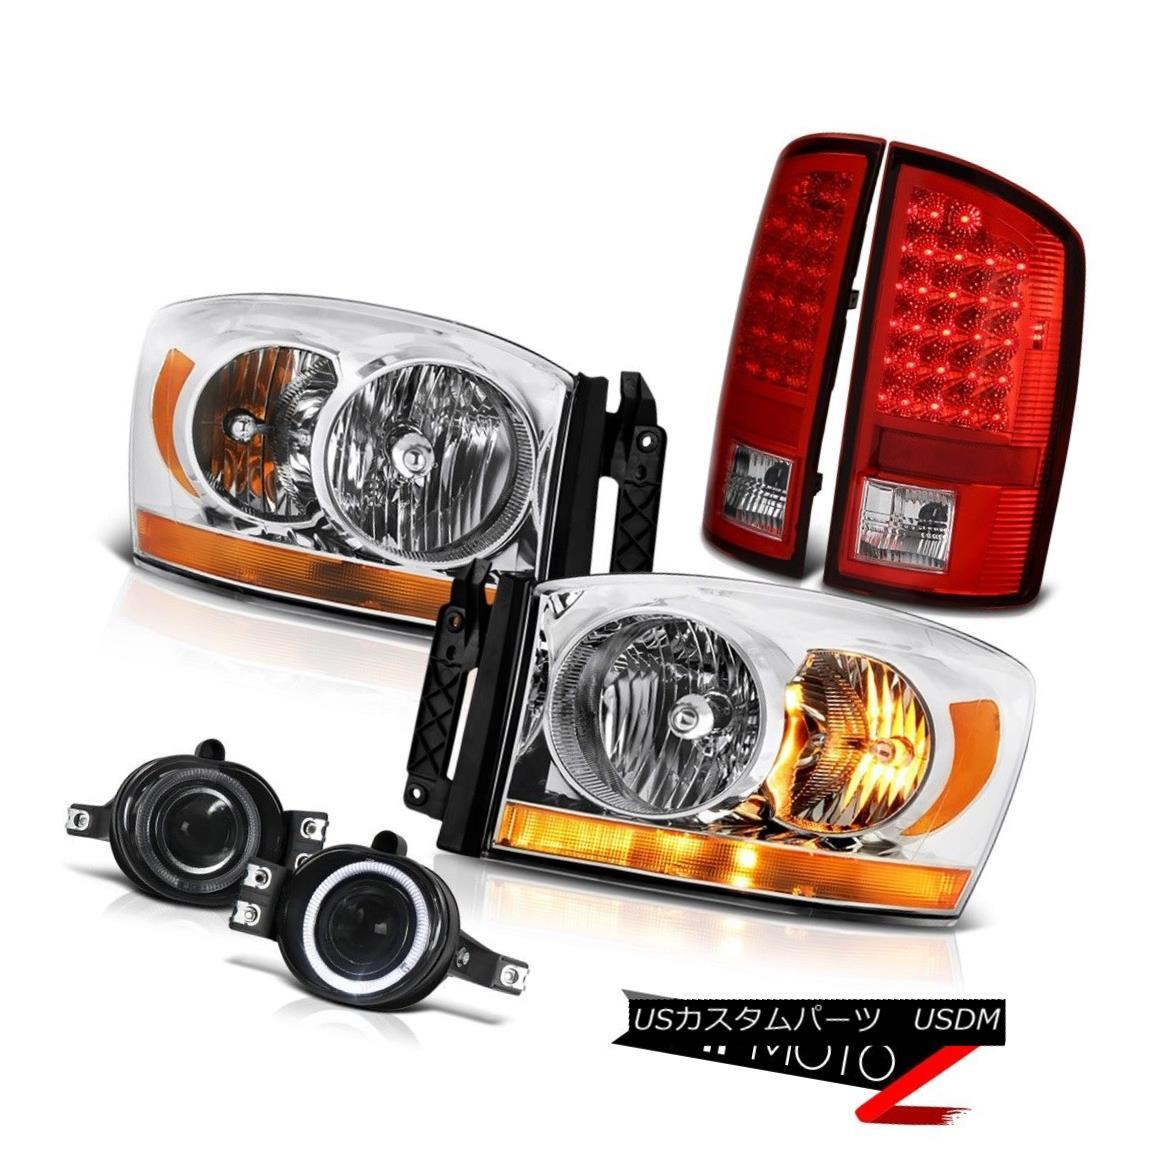 テールライト 2007-2008 Dodge Ram 1500 4.7L Headlights Smoked Foglamps Bloody Red Taillights 2007-2008ダッジラム1500 4.7Lヘッドライトスモークフォグランプブラッディレッドテールライト